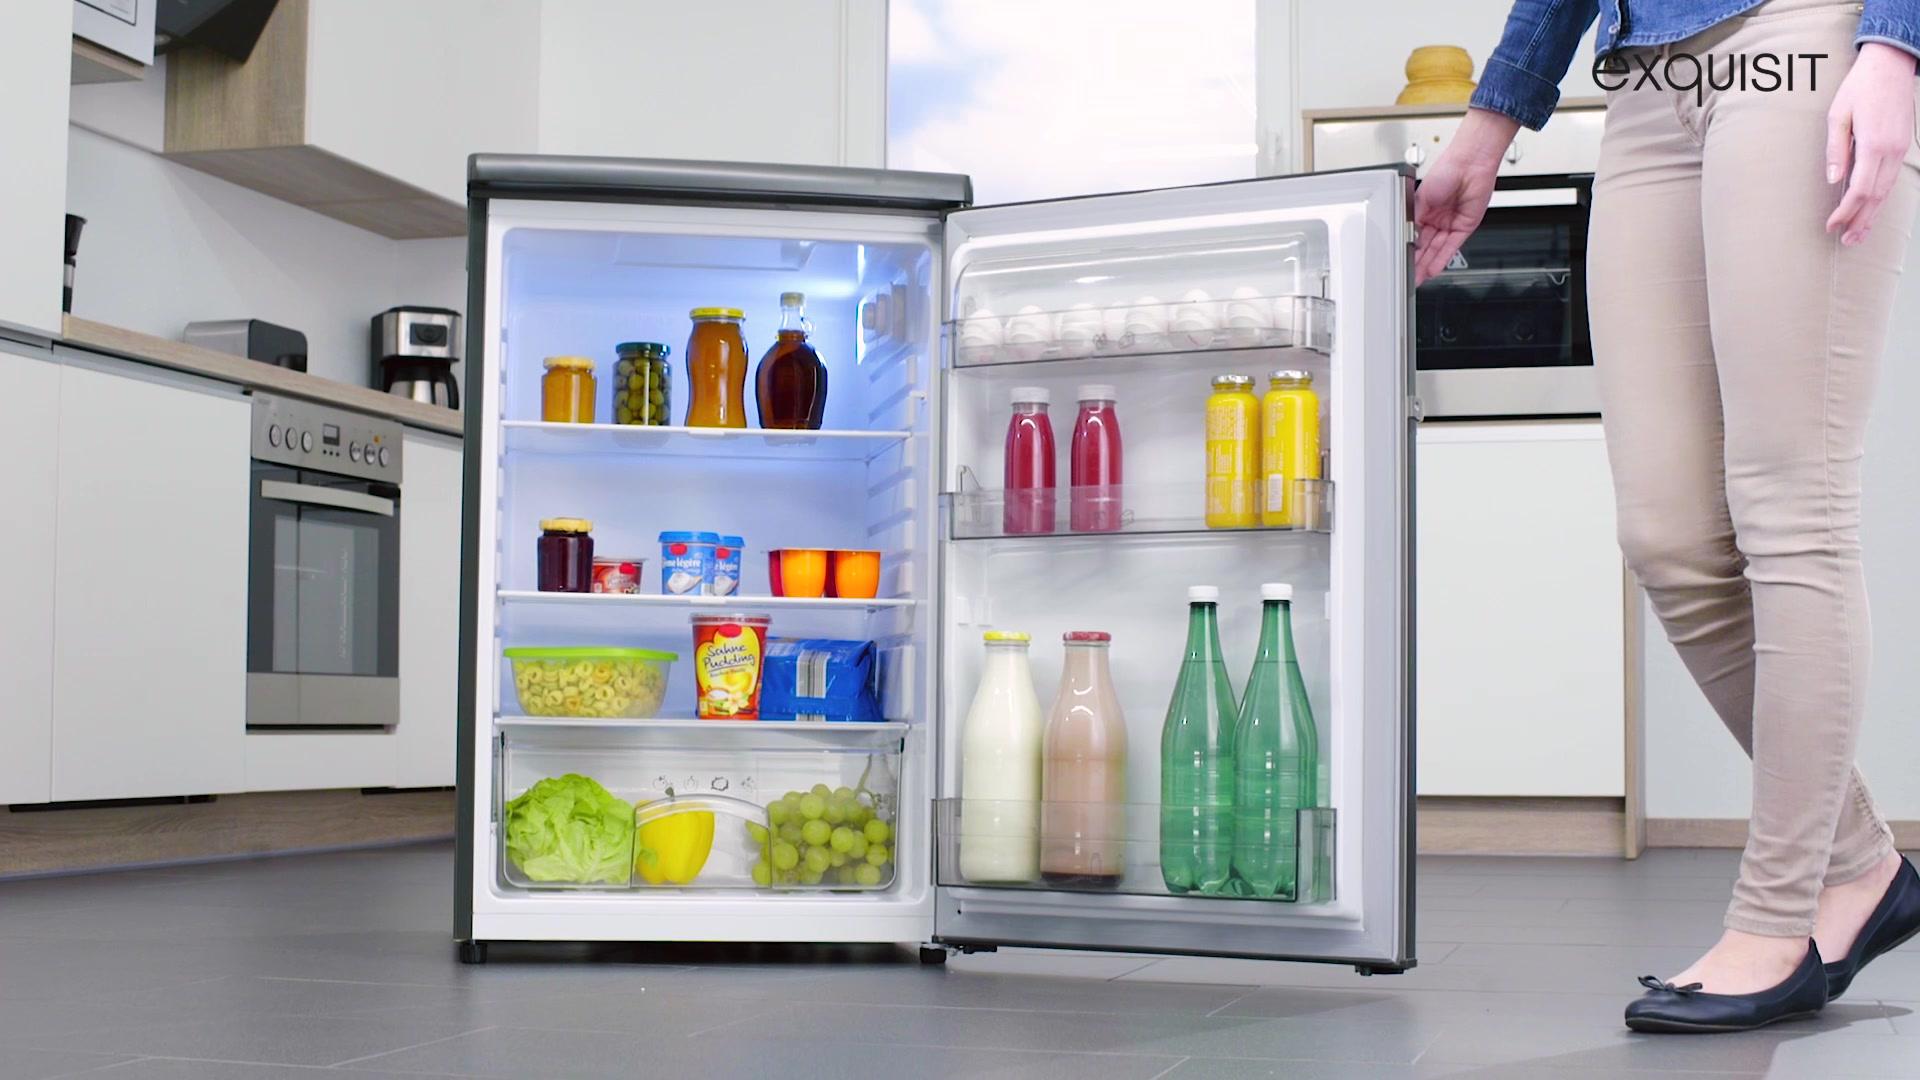 Miniküche Mit Kühlschrank Hagebaumarkt : Exquisit kühlschrank ks rva a cm hoch